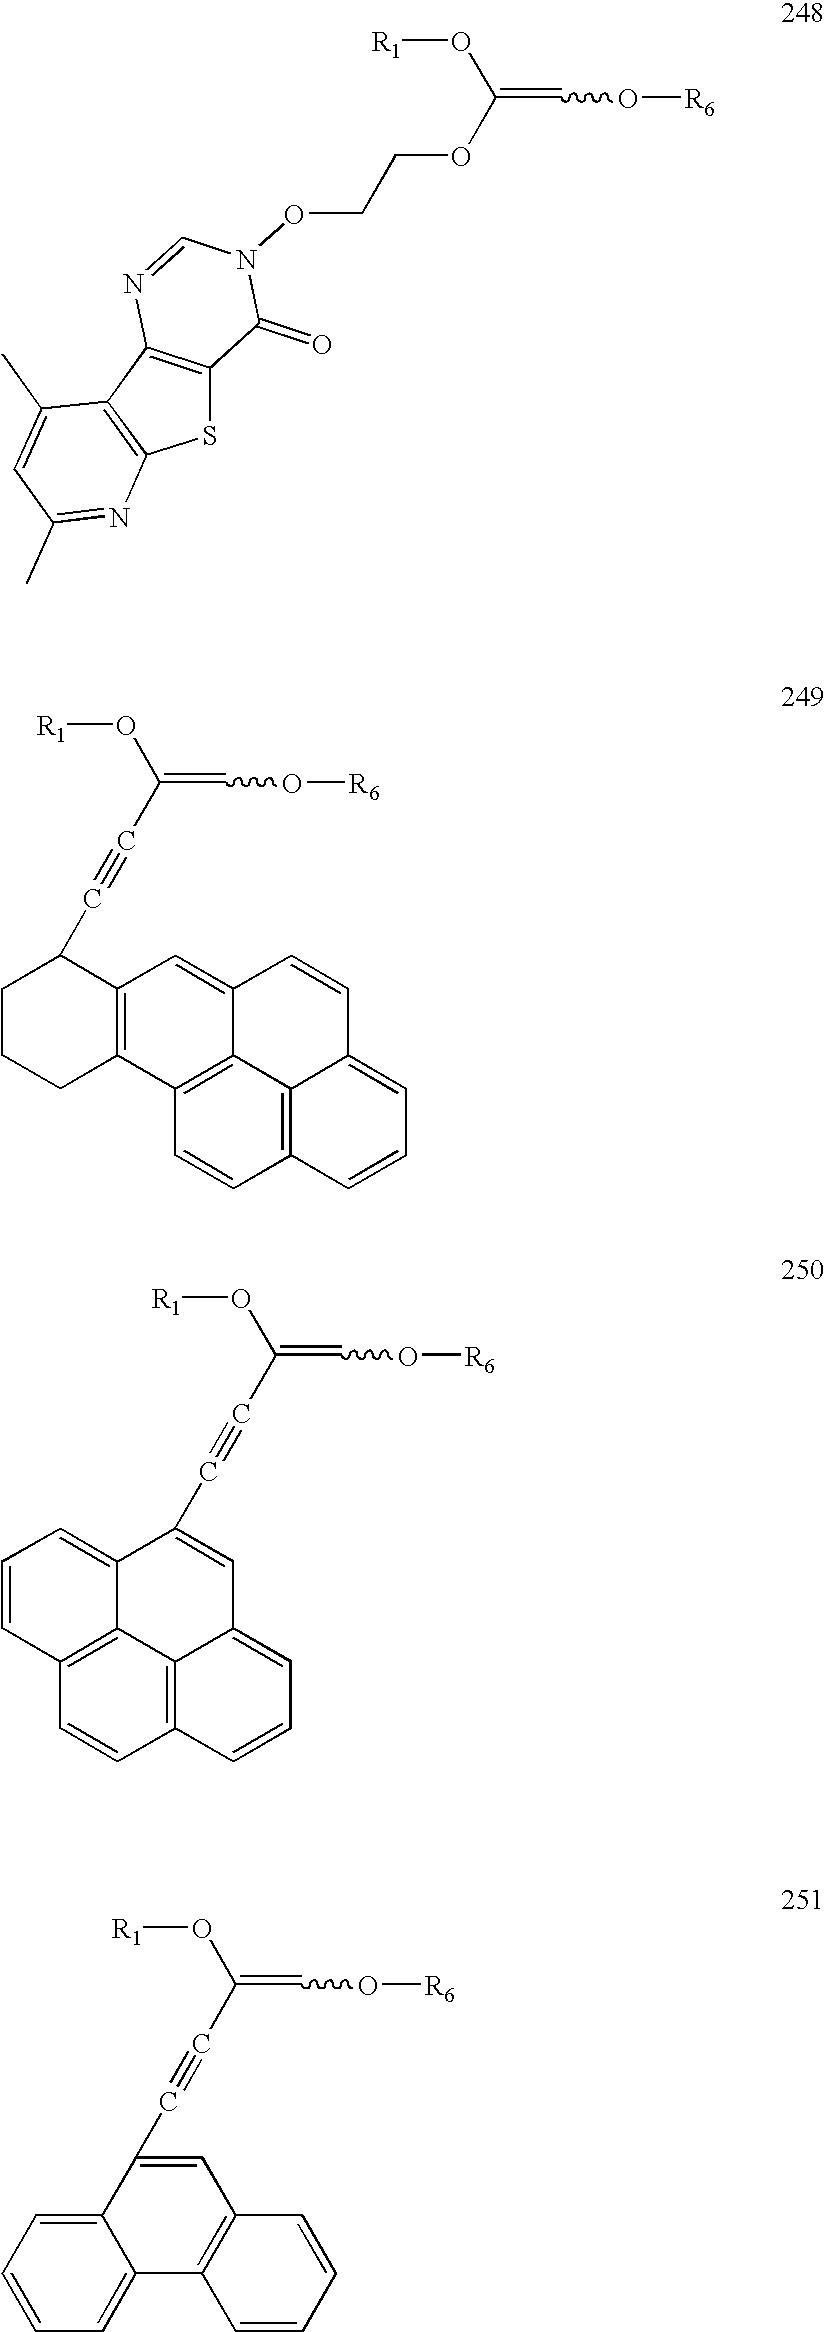 Figure US20060014144A1-20060119-C00142